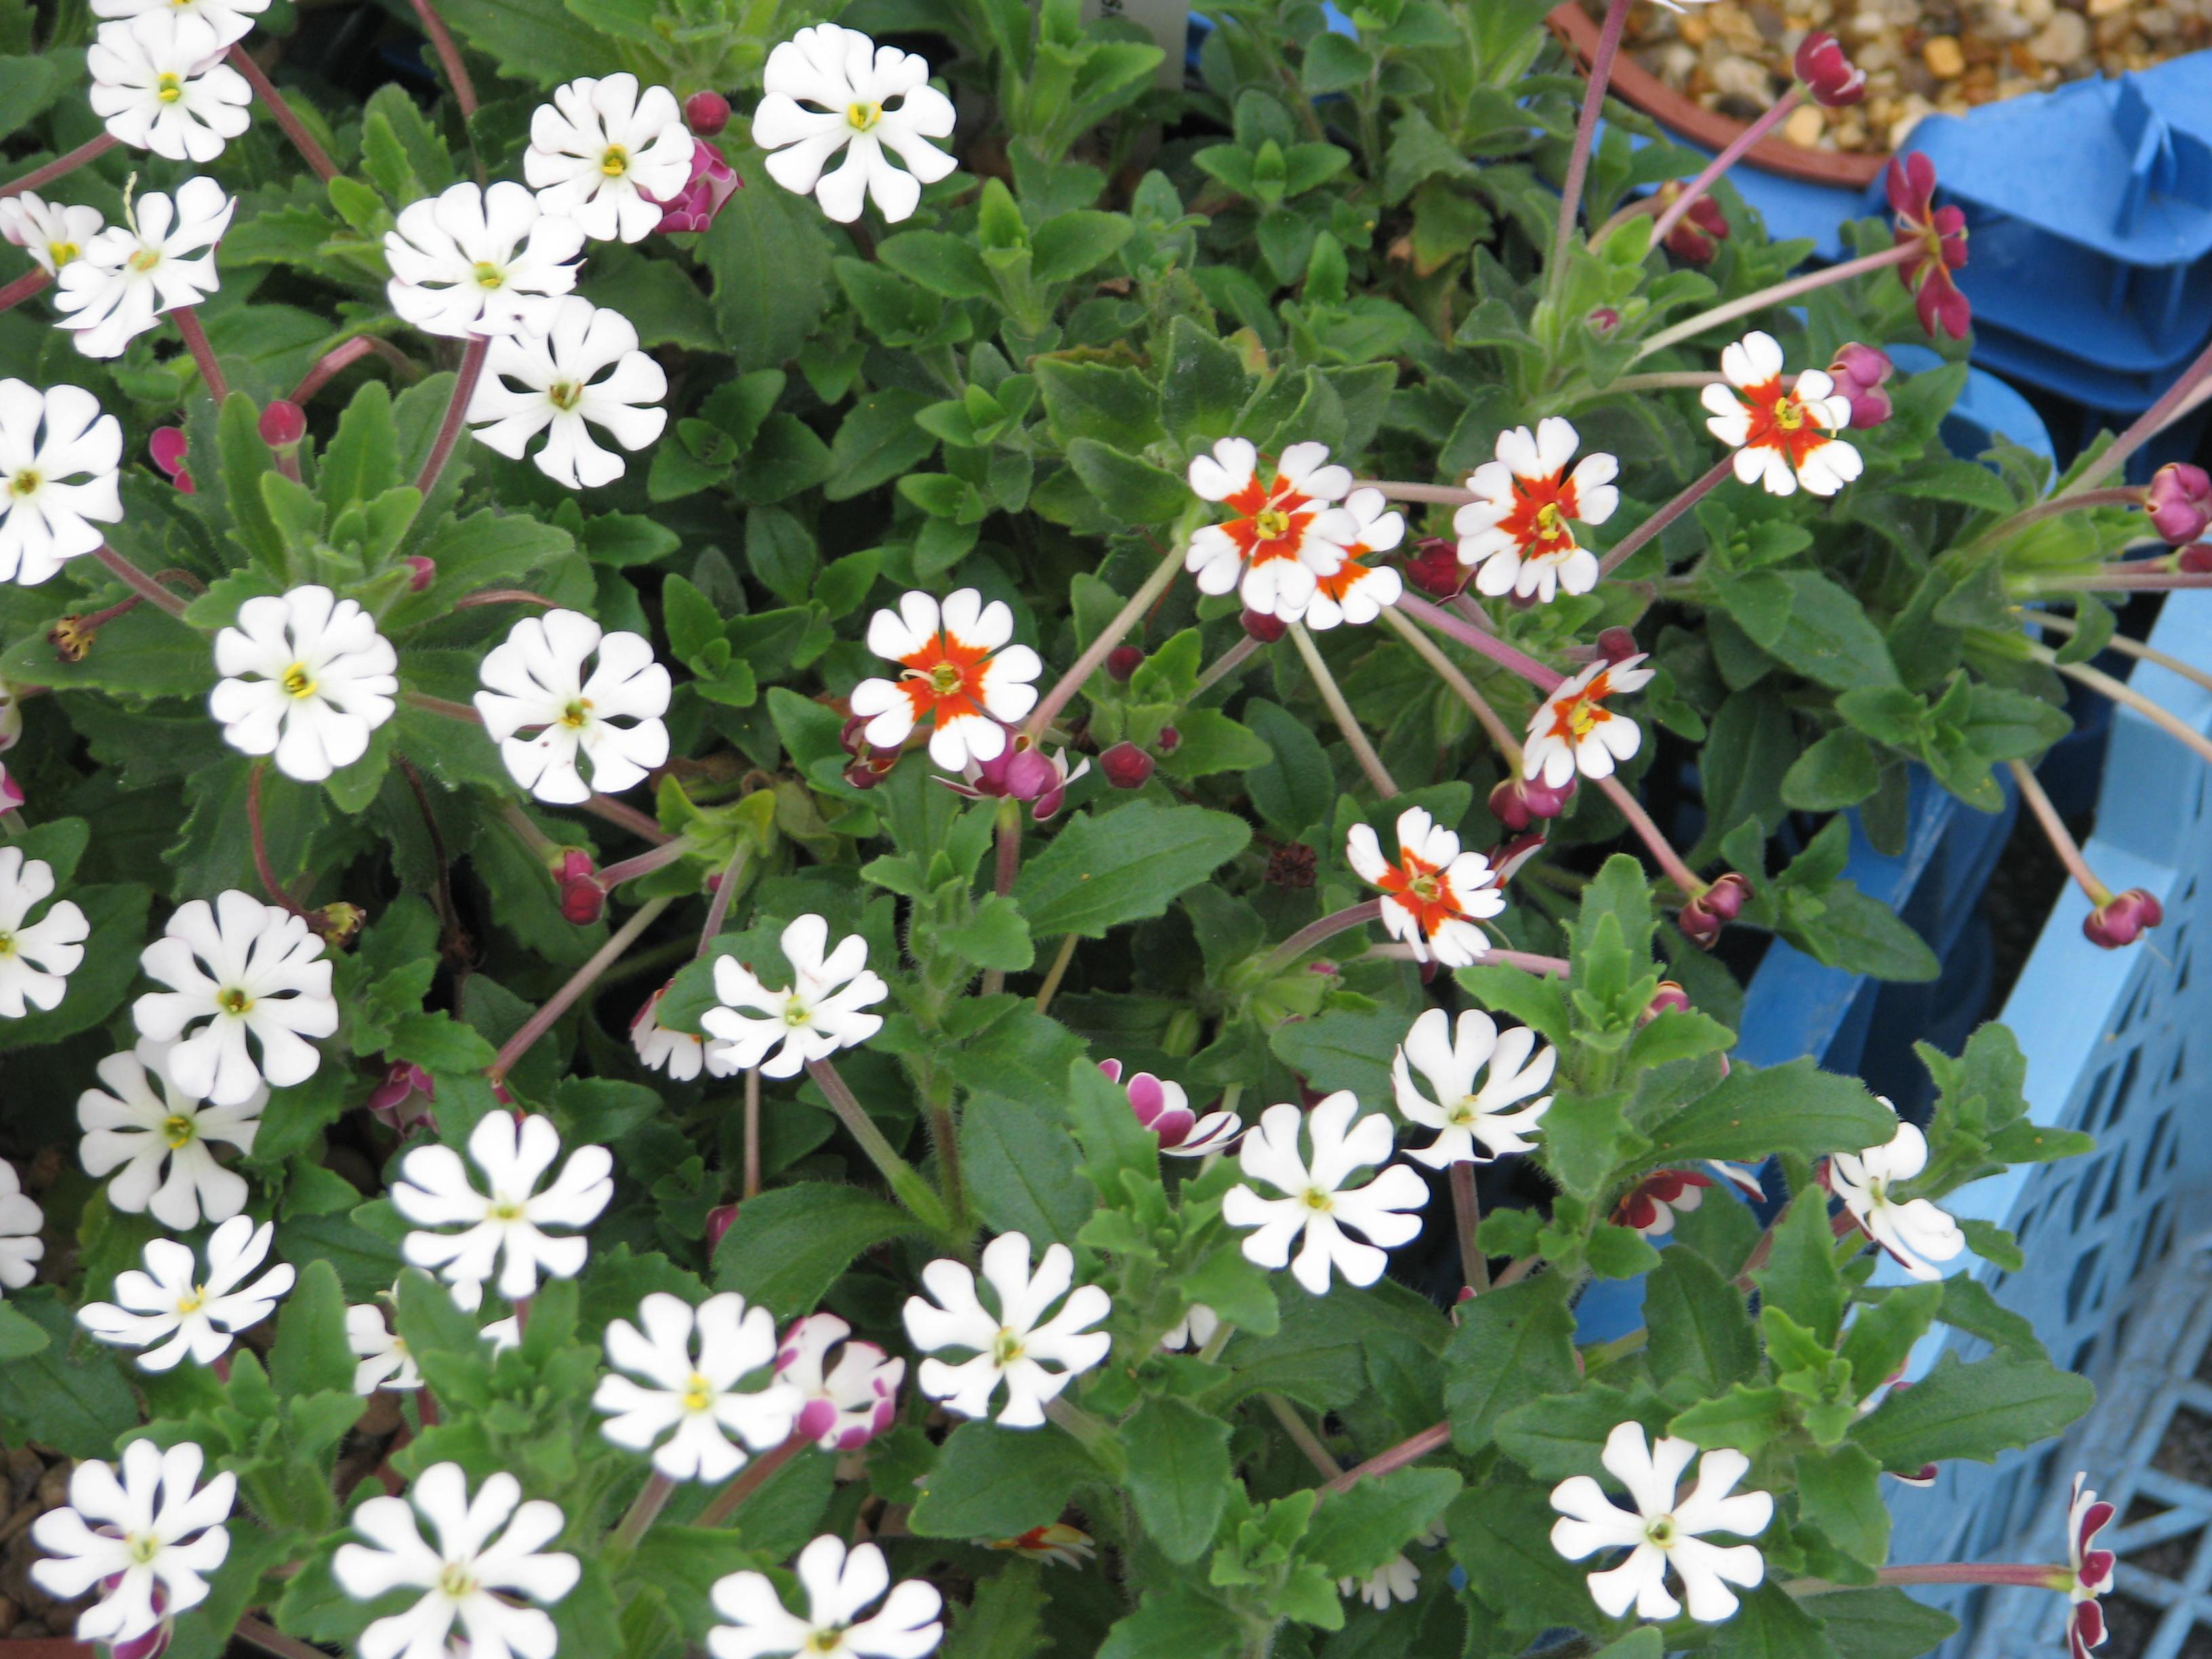 花瓣的形状、排列(向上、向下或打开、半闭合等)均会影响昆虫来播粉的次数。(维基百科)